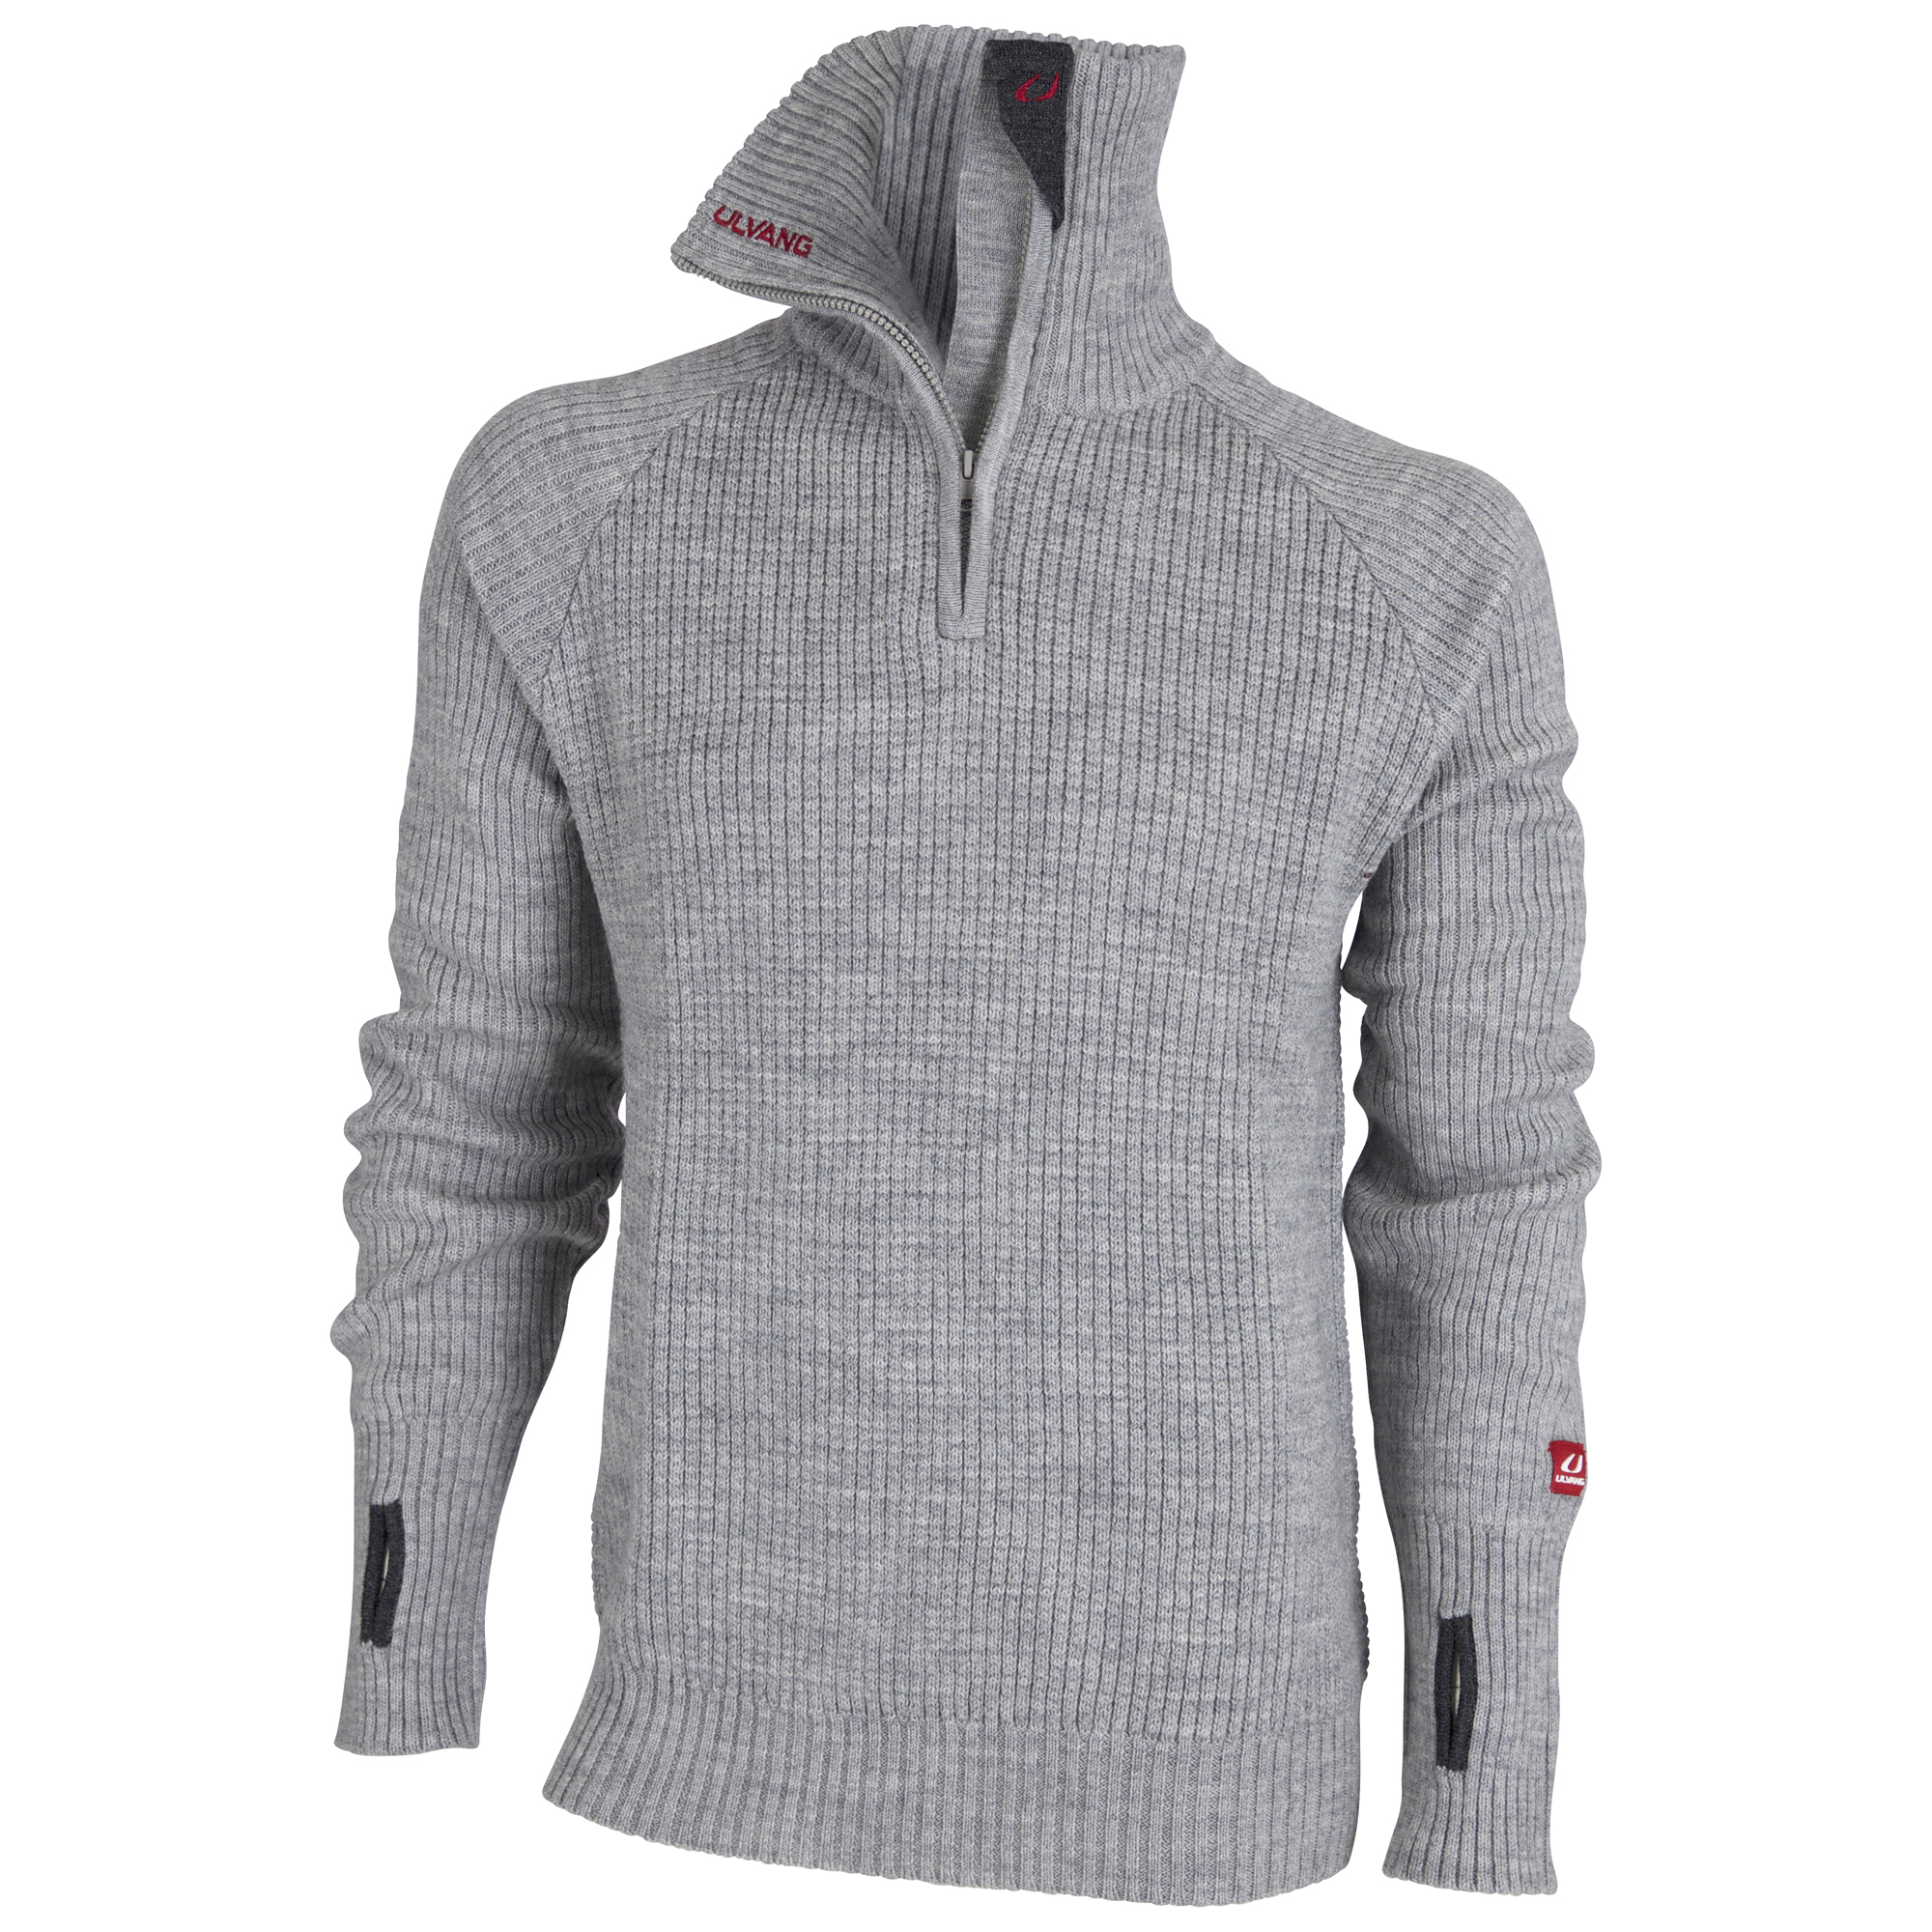 Ulvang Rav Sweater w/zip - Uldtrøje Unisex - Grå | Jackets